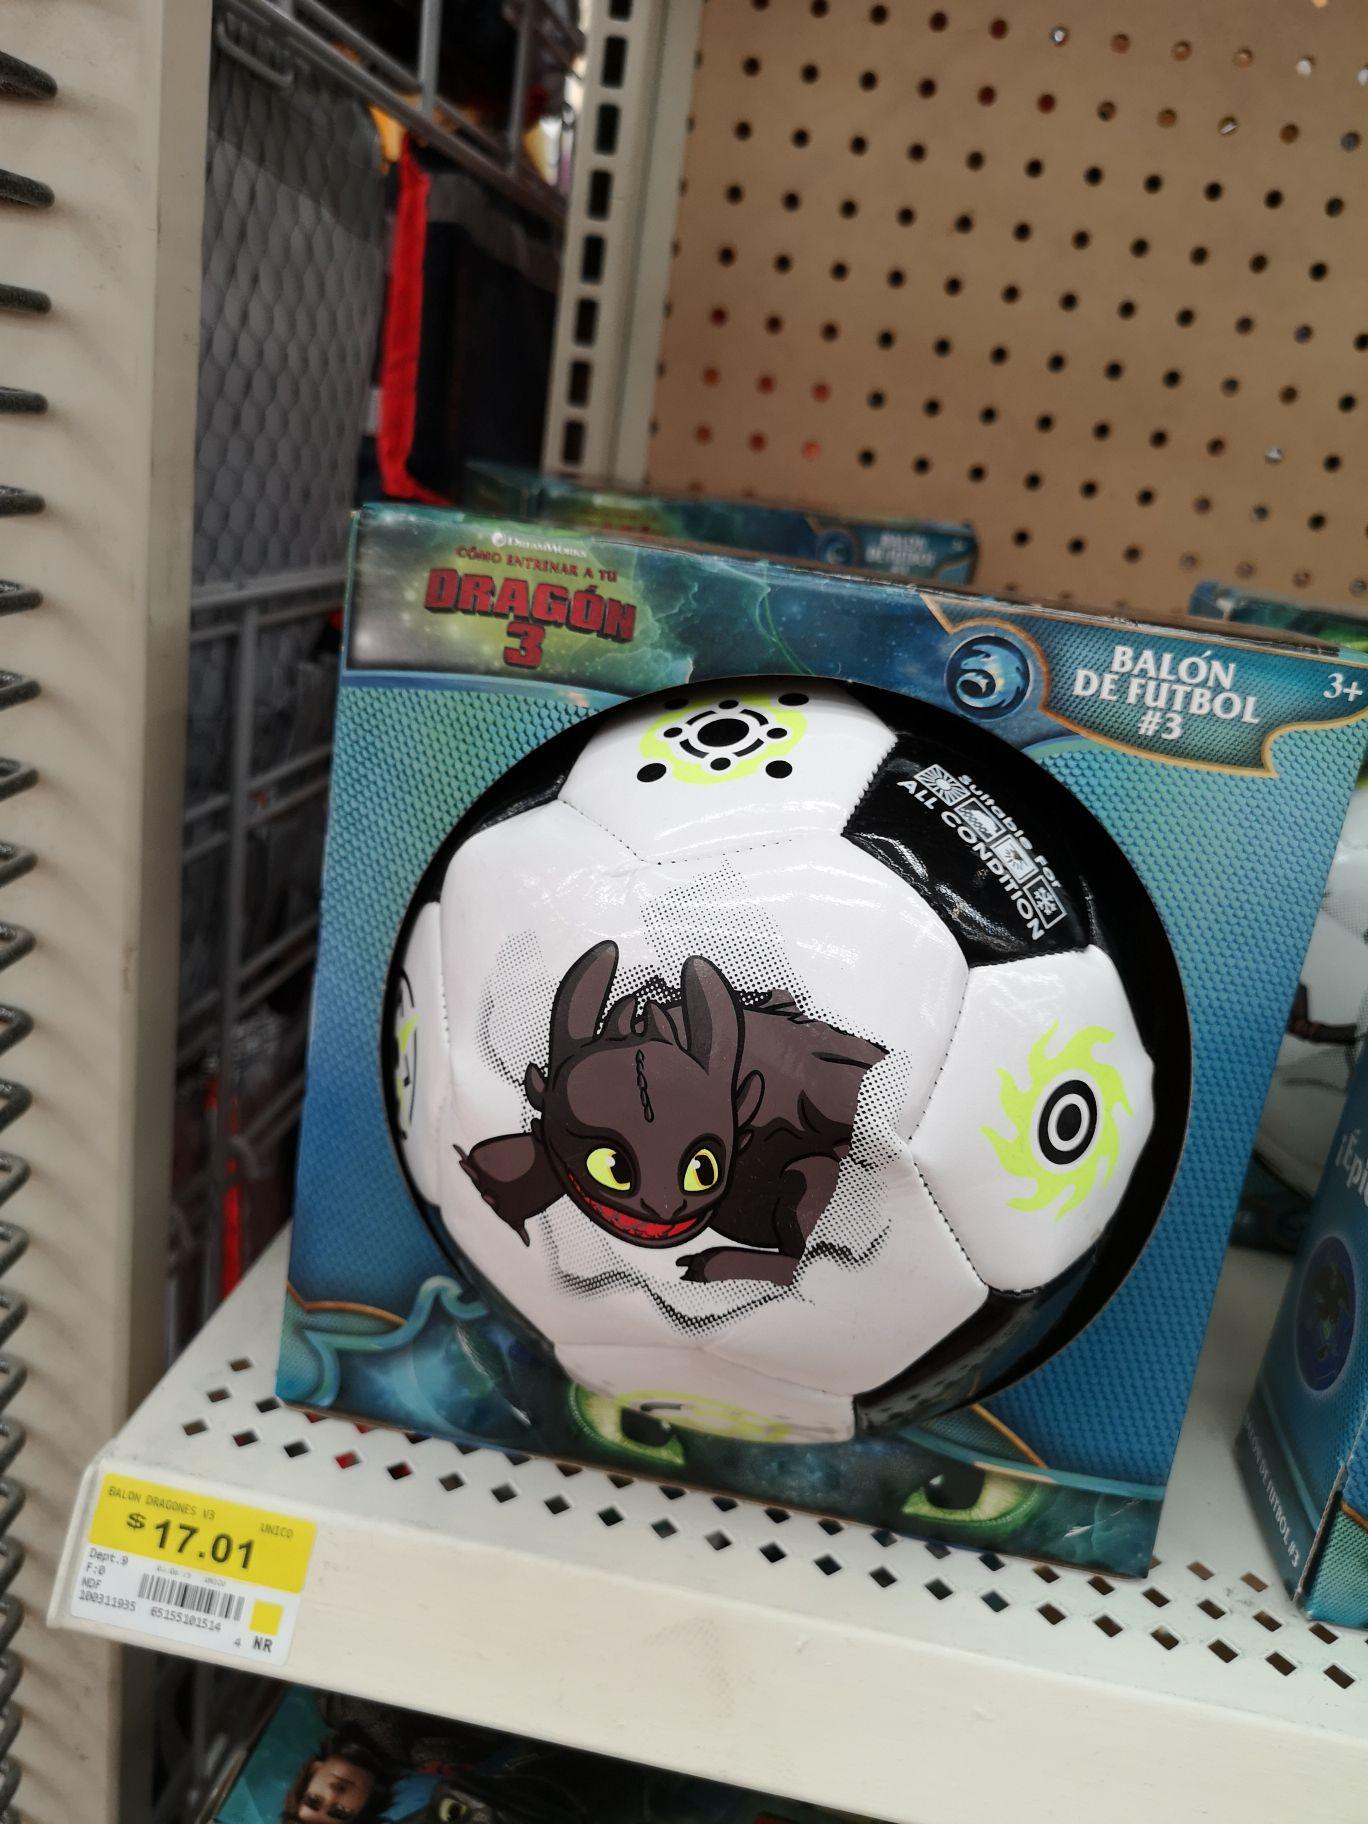 Walmart: Balón de fútbol #3